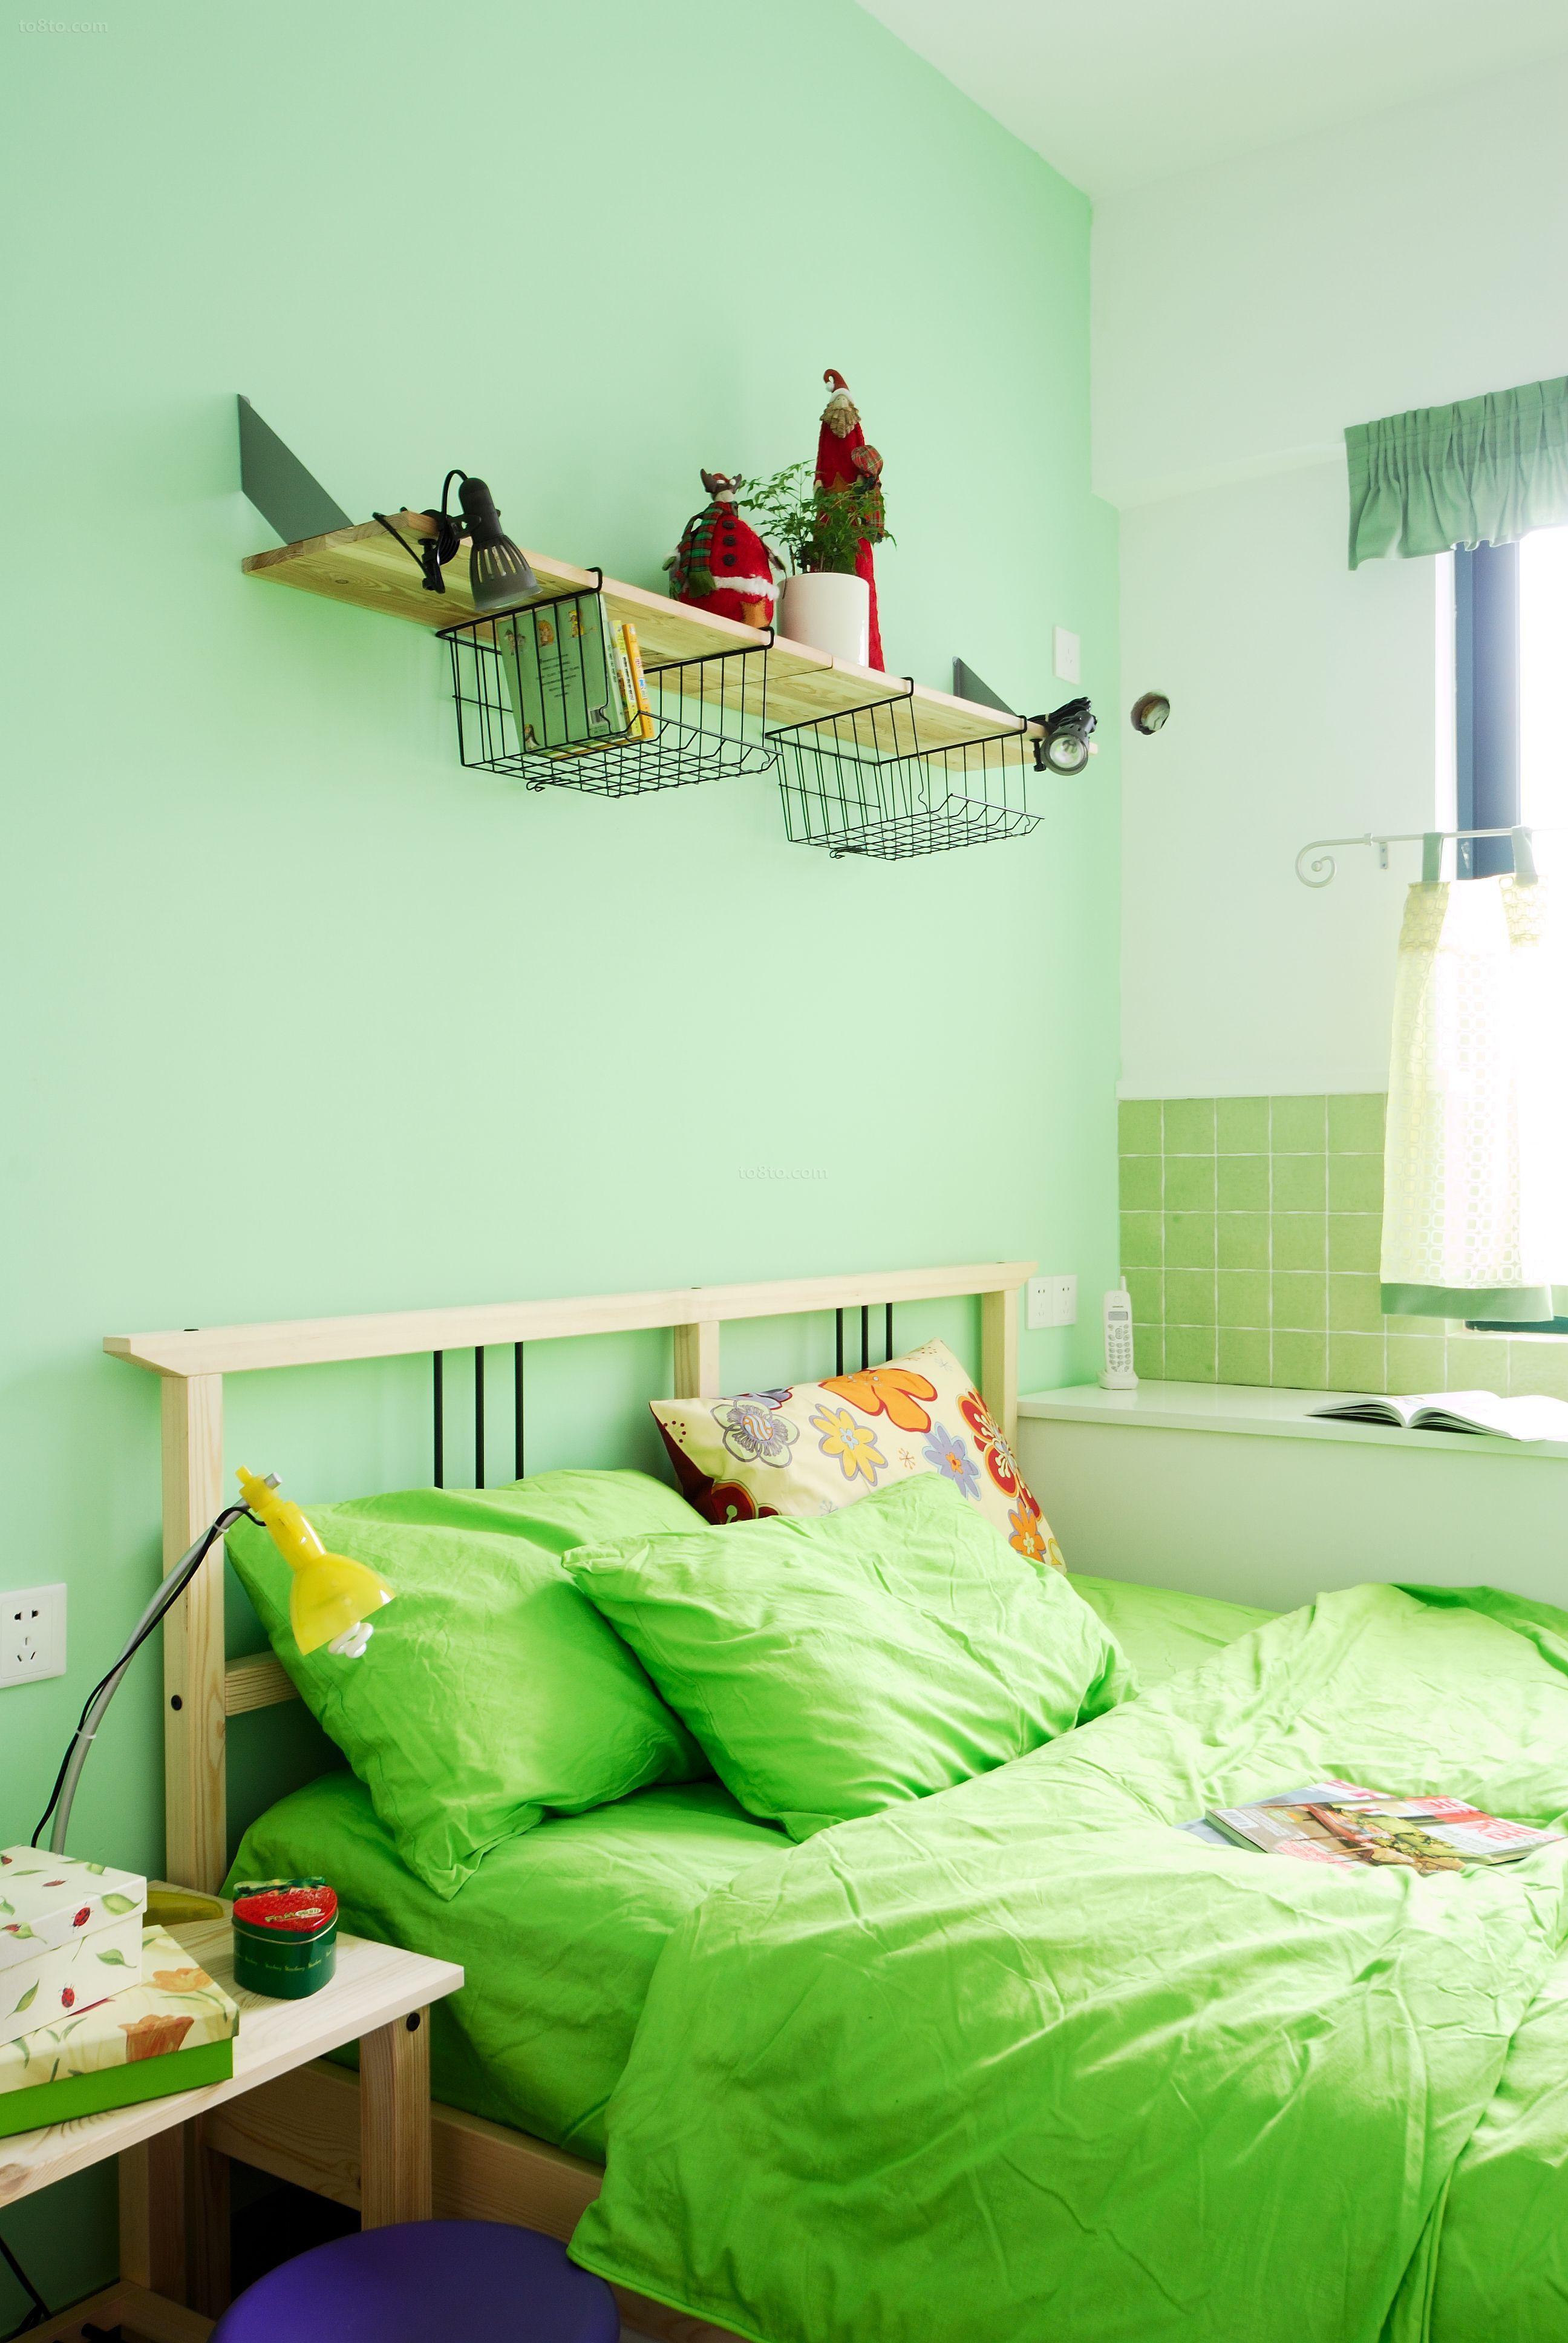 田园风格床头背景墙效果图欣赏